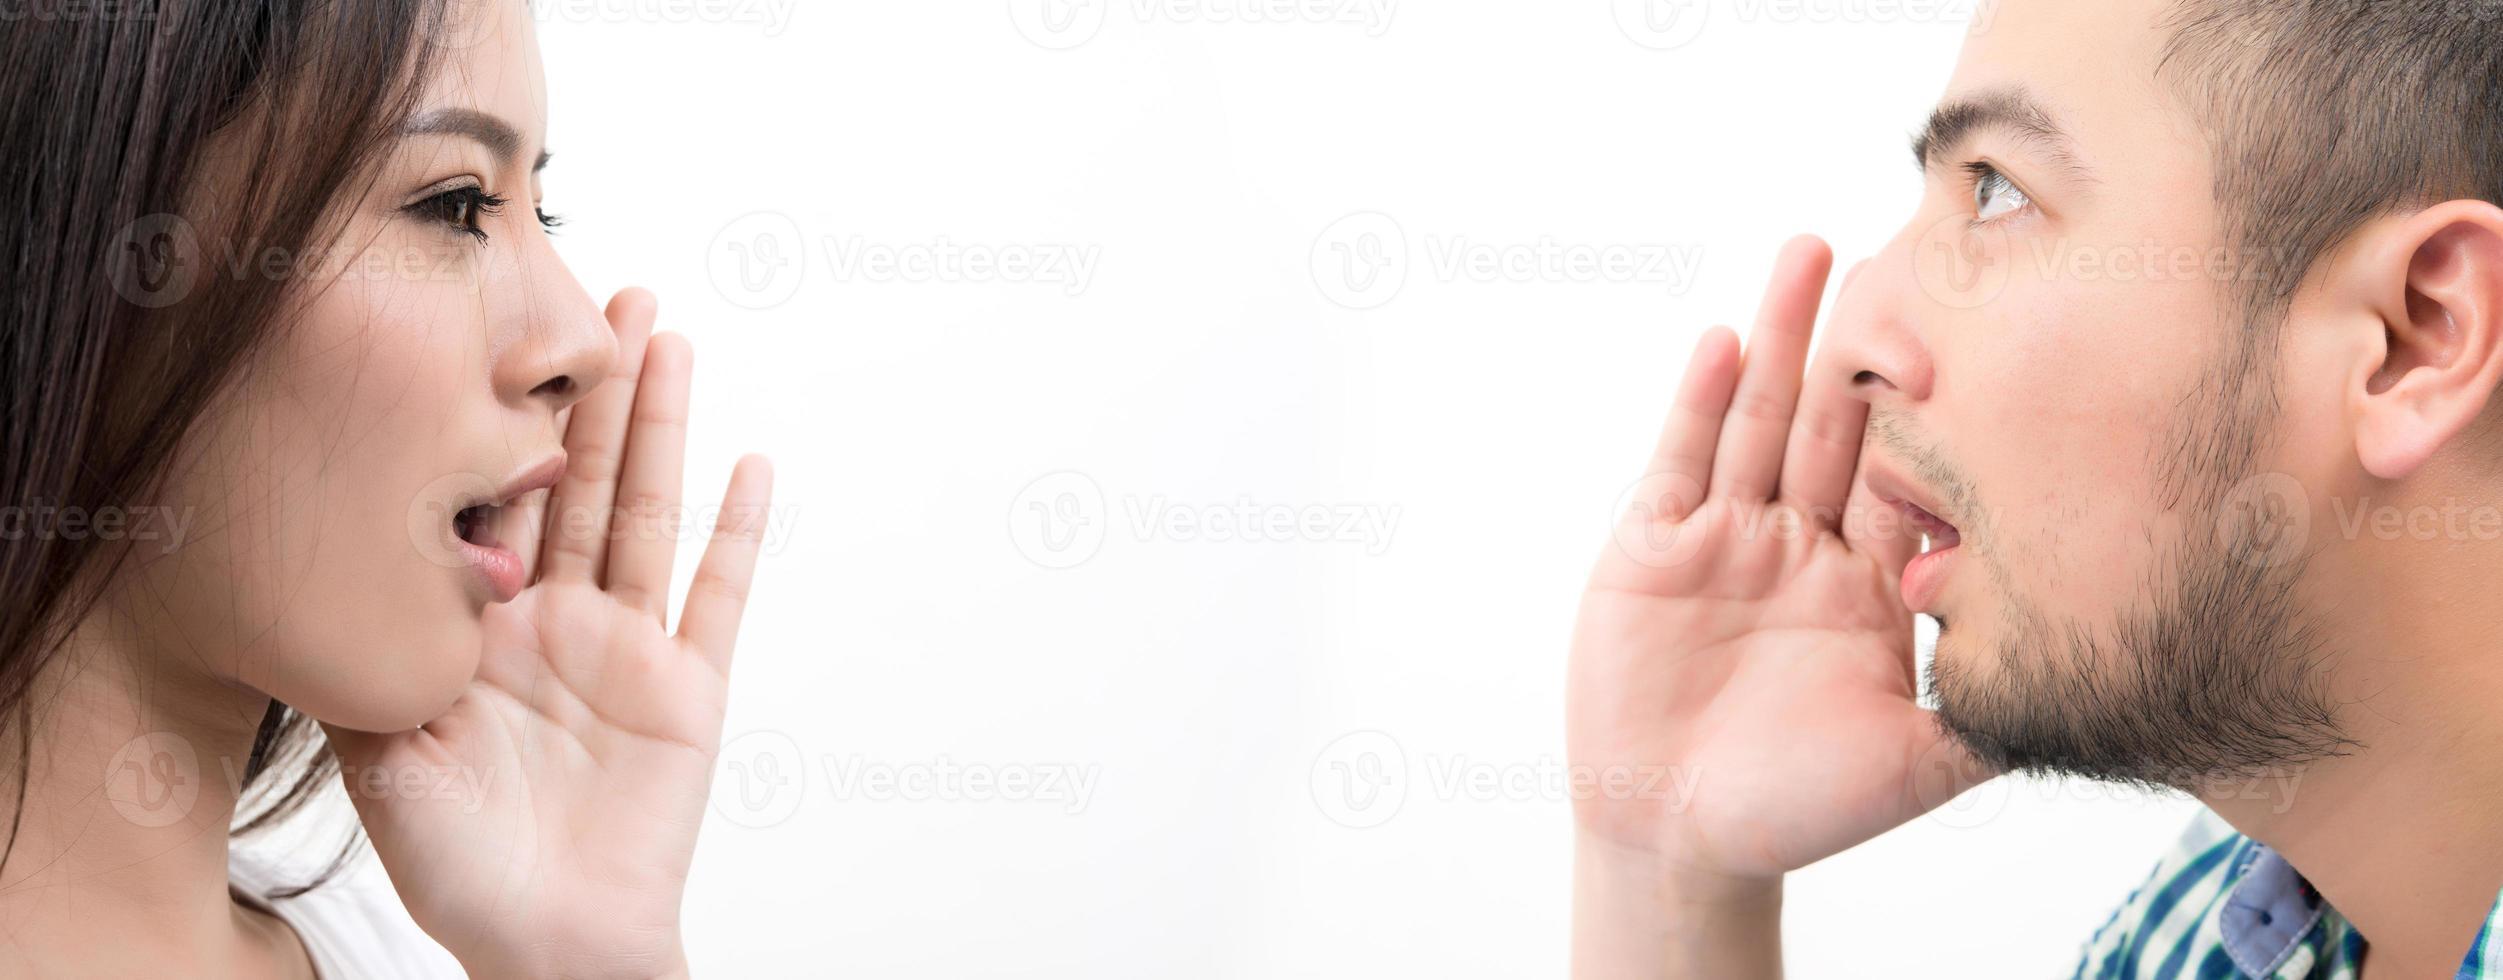 jong koppel staande aangezicht tot aangezicht geïsoleerd op een witte achtergrond foto